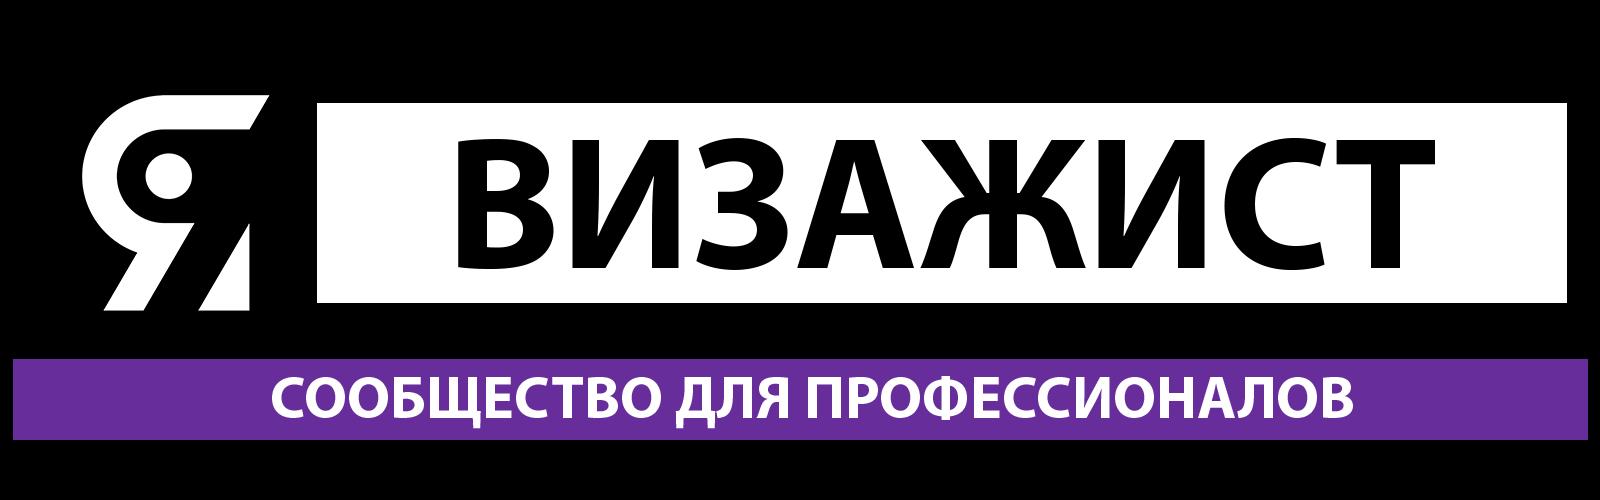 Форум Визажистов